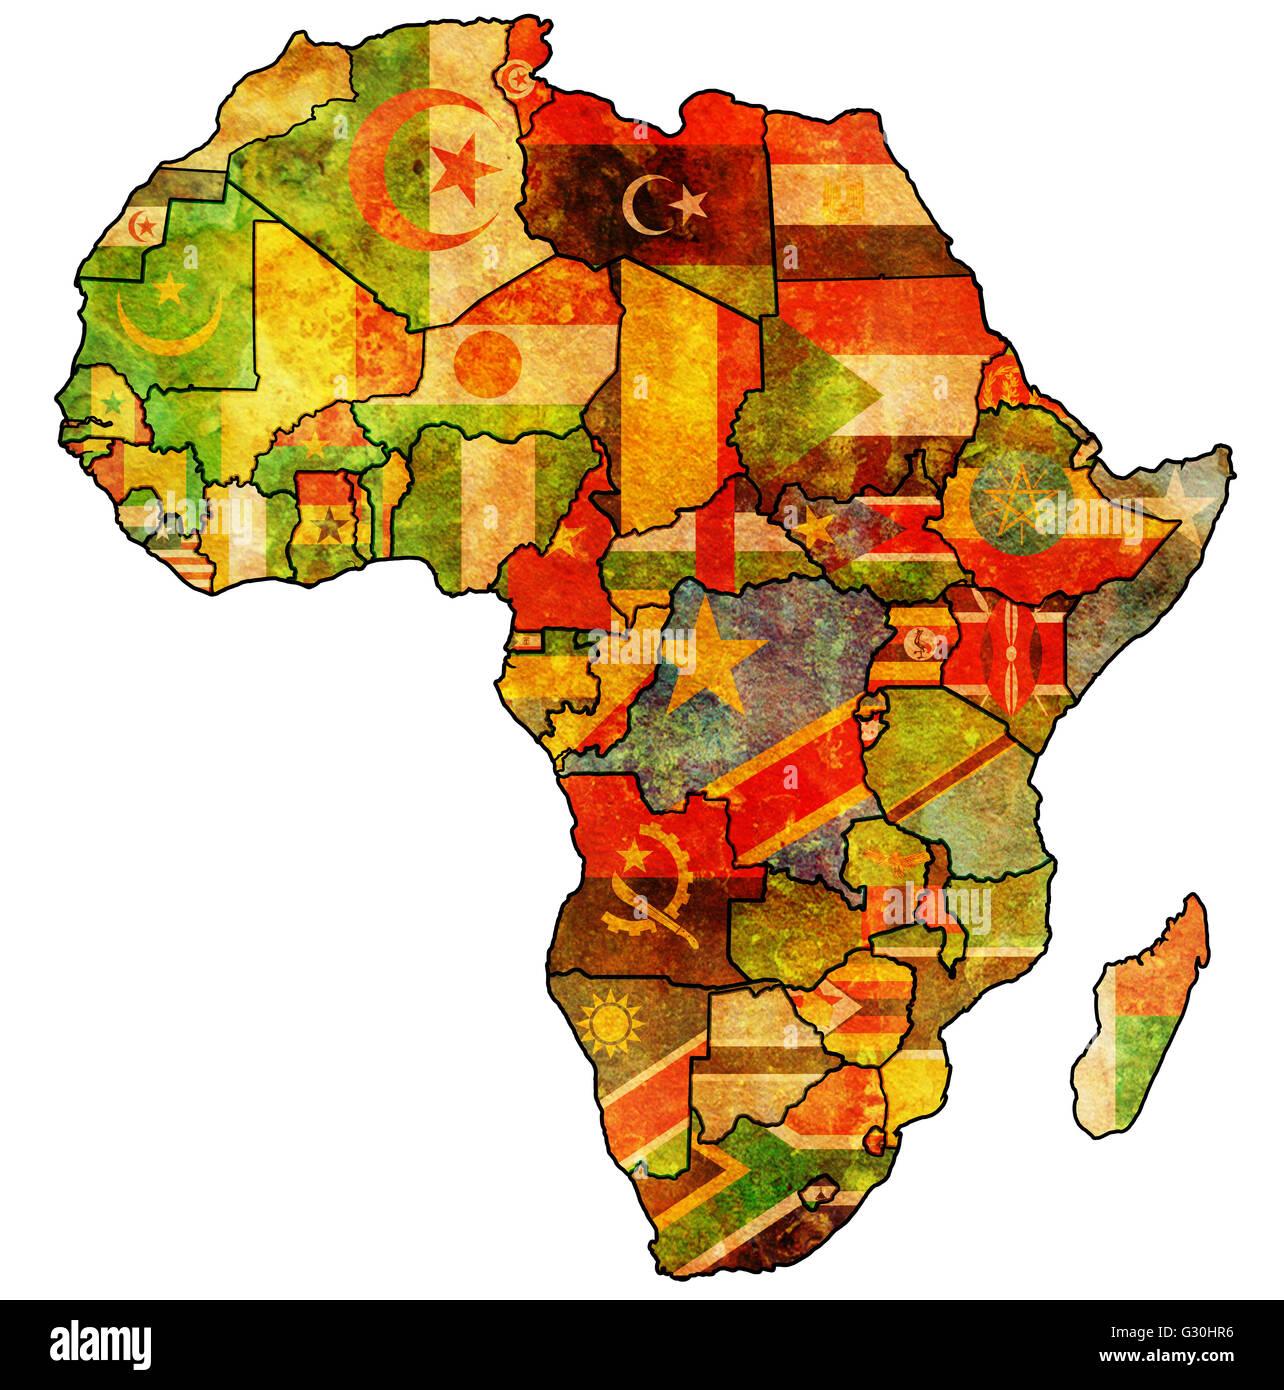 Carte Union Africaine.Union Africaine Sur L Ancienne Carte Politique De L Afrique